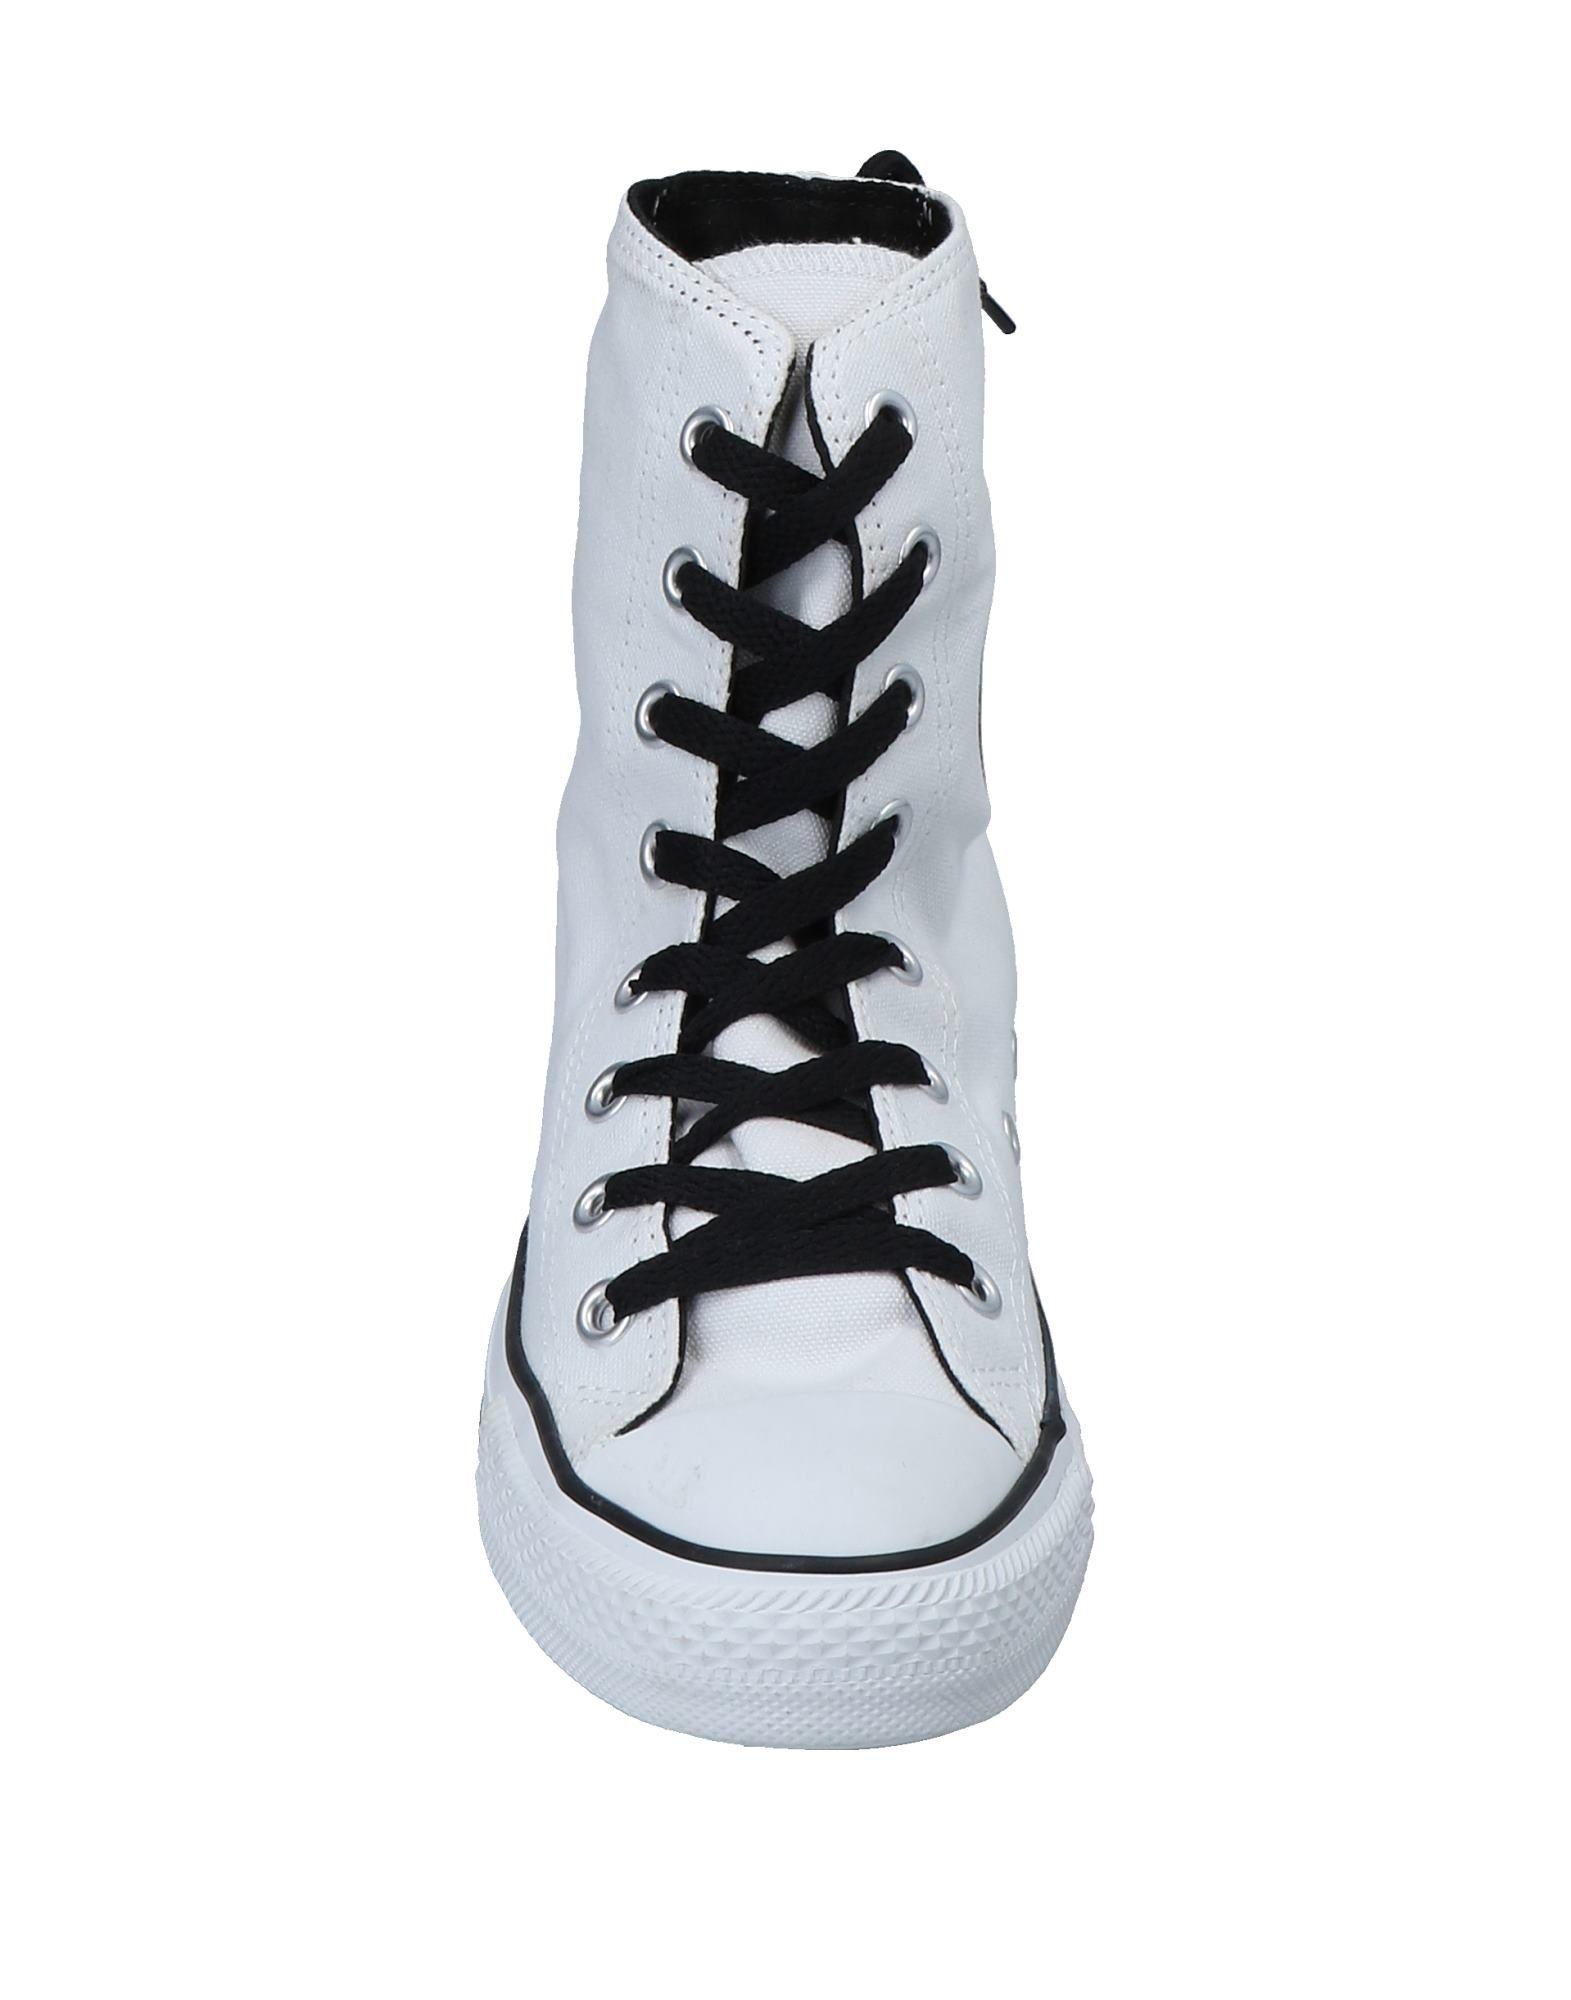 Converse All Star Sneakers Qualität Damen  11551793WG Gute Qualität Sneakers beliebte Schuhe 358ae4